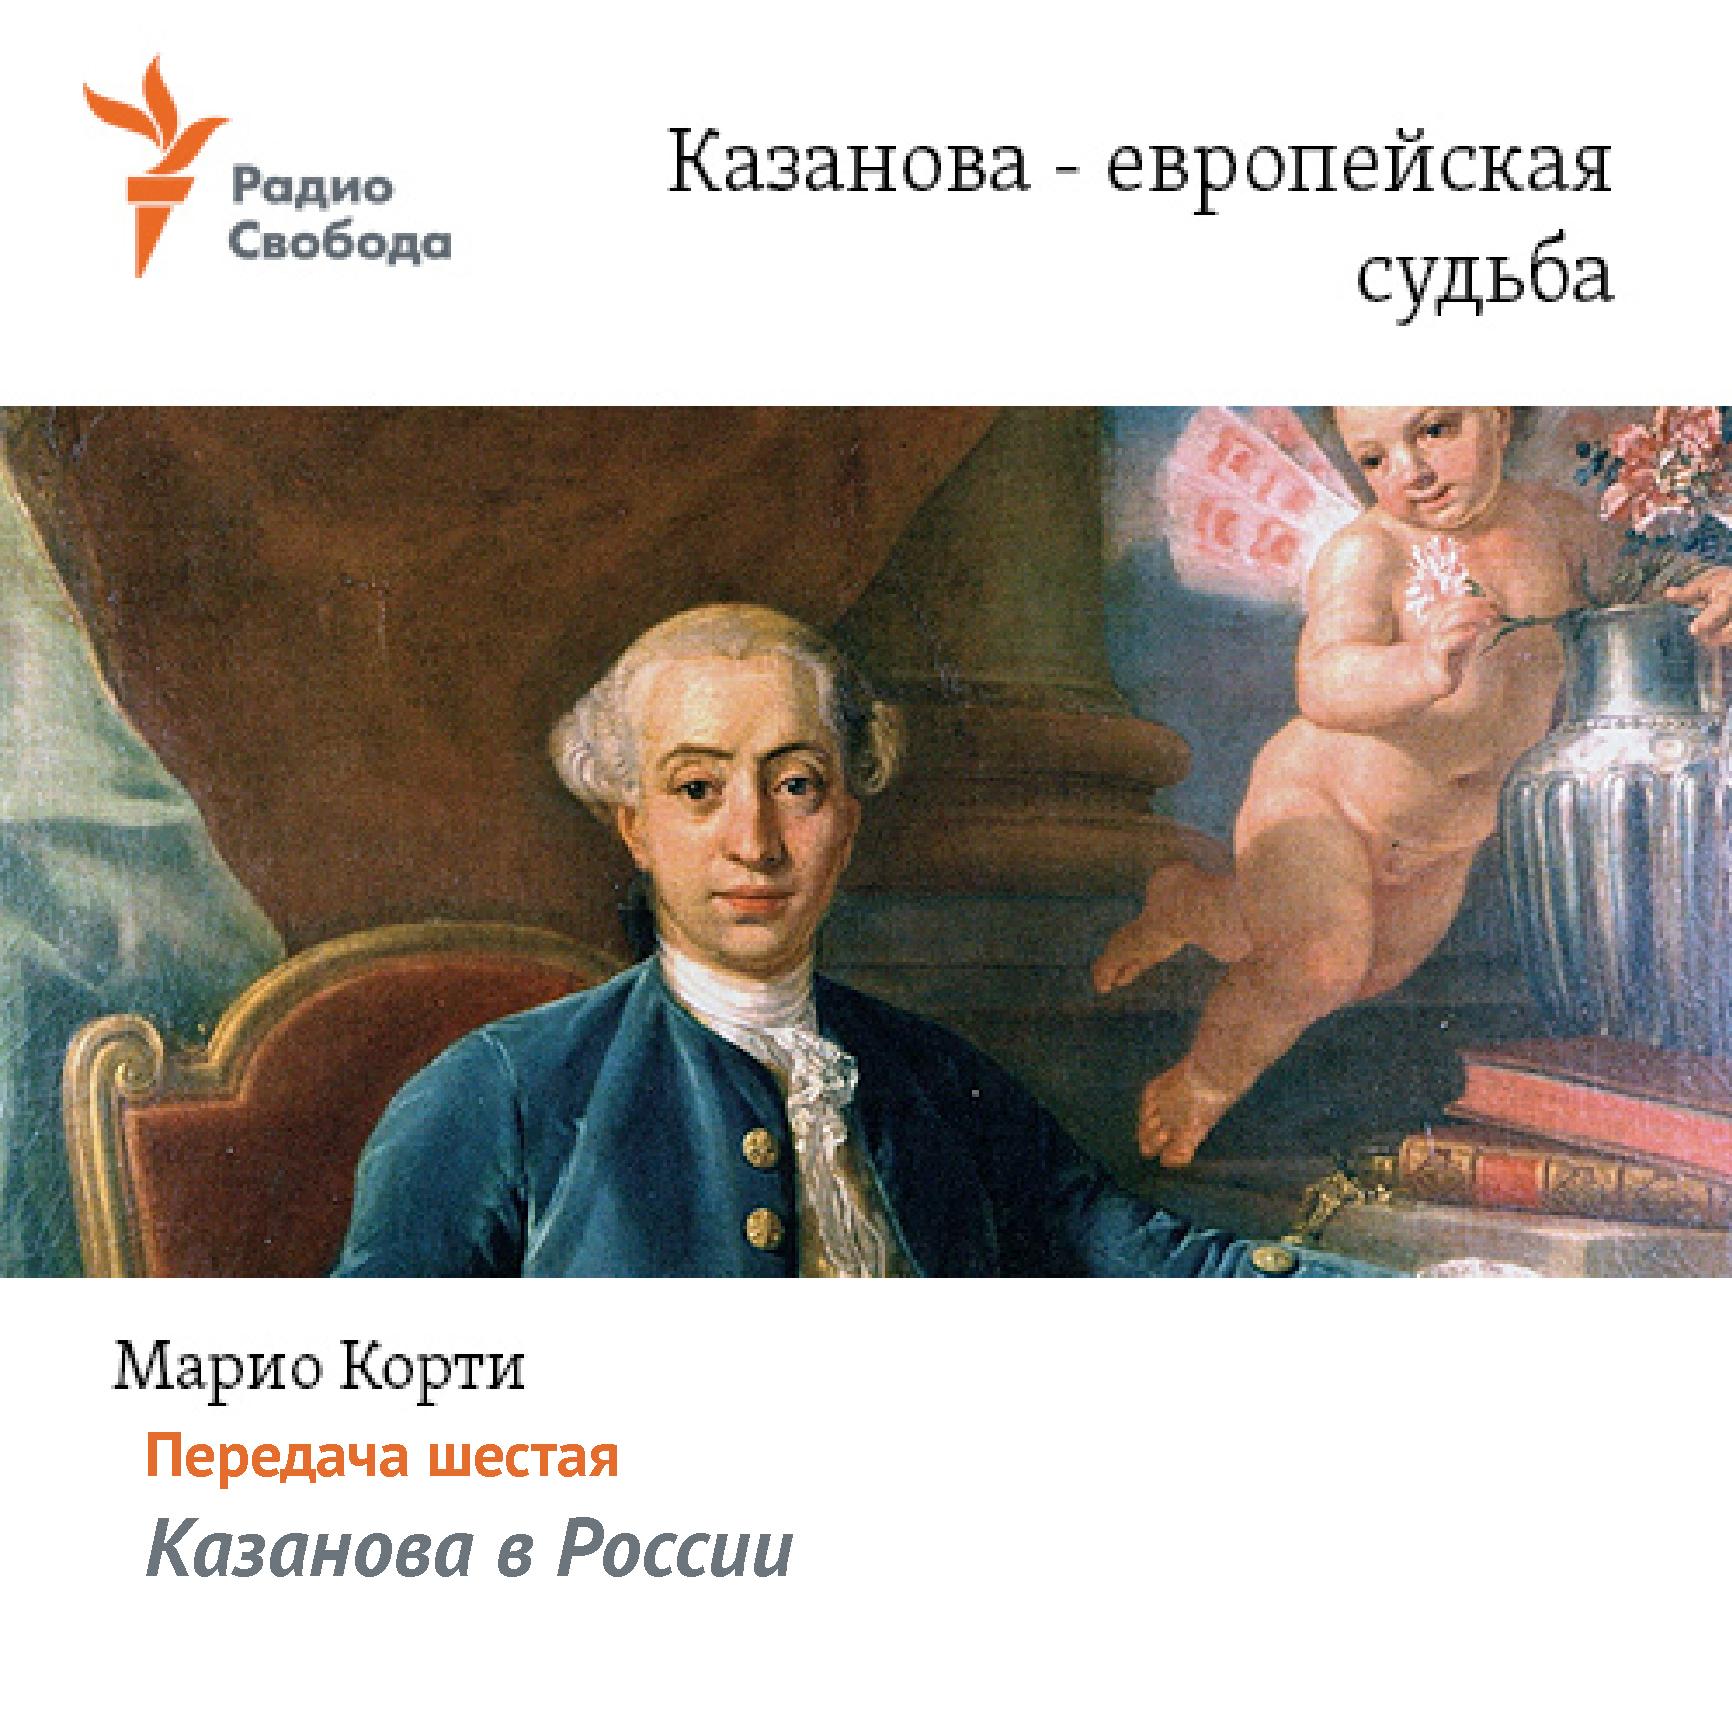 Марио Корти Казанова – европейская судьба. Передача шестая – «Казанова в России» цена